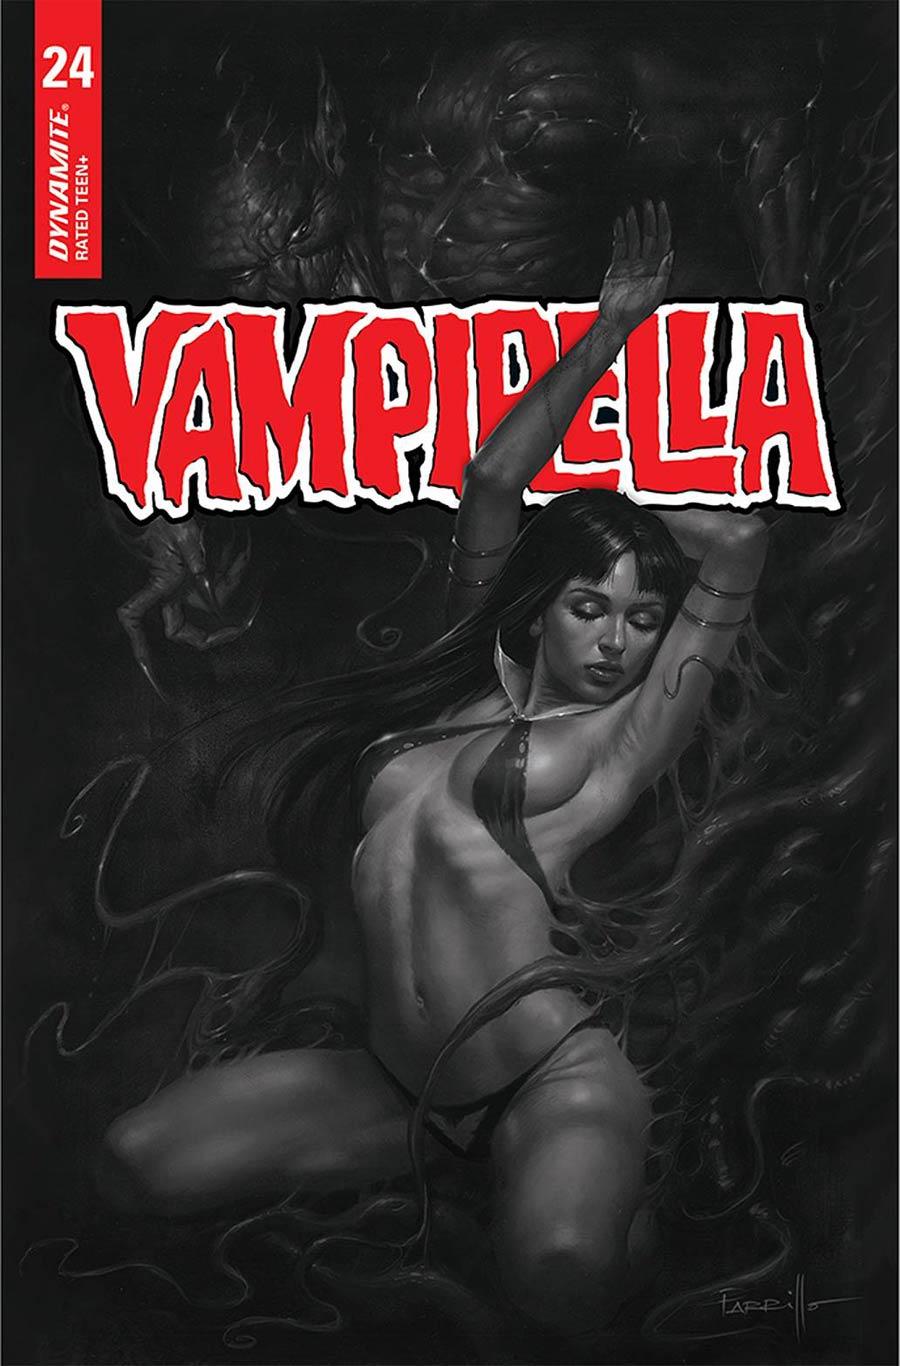 Vampirella Vol 8 #24 Cover F Incentive Lucio Parrillo Black & White Cover